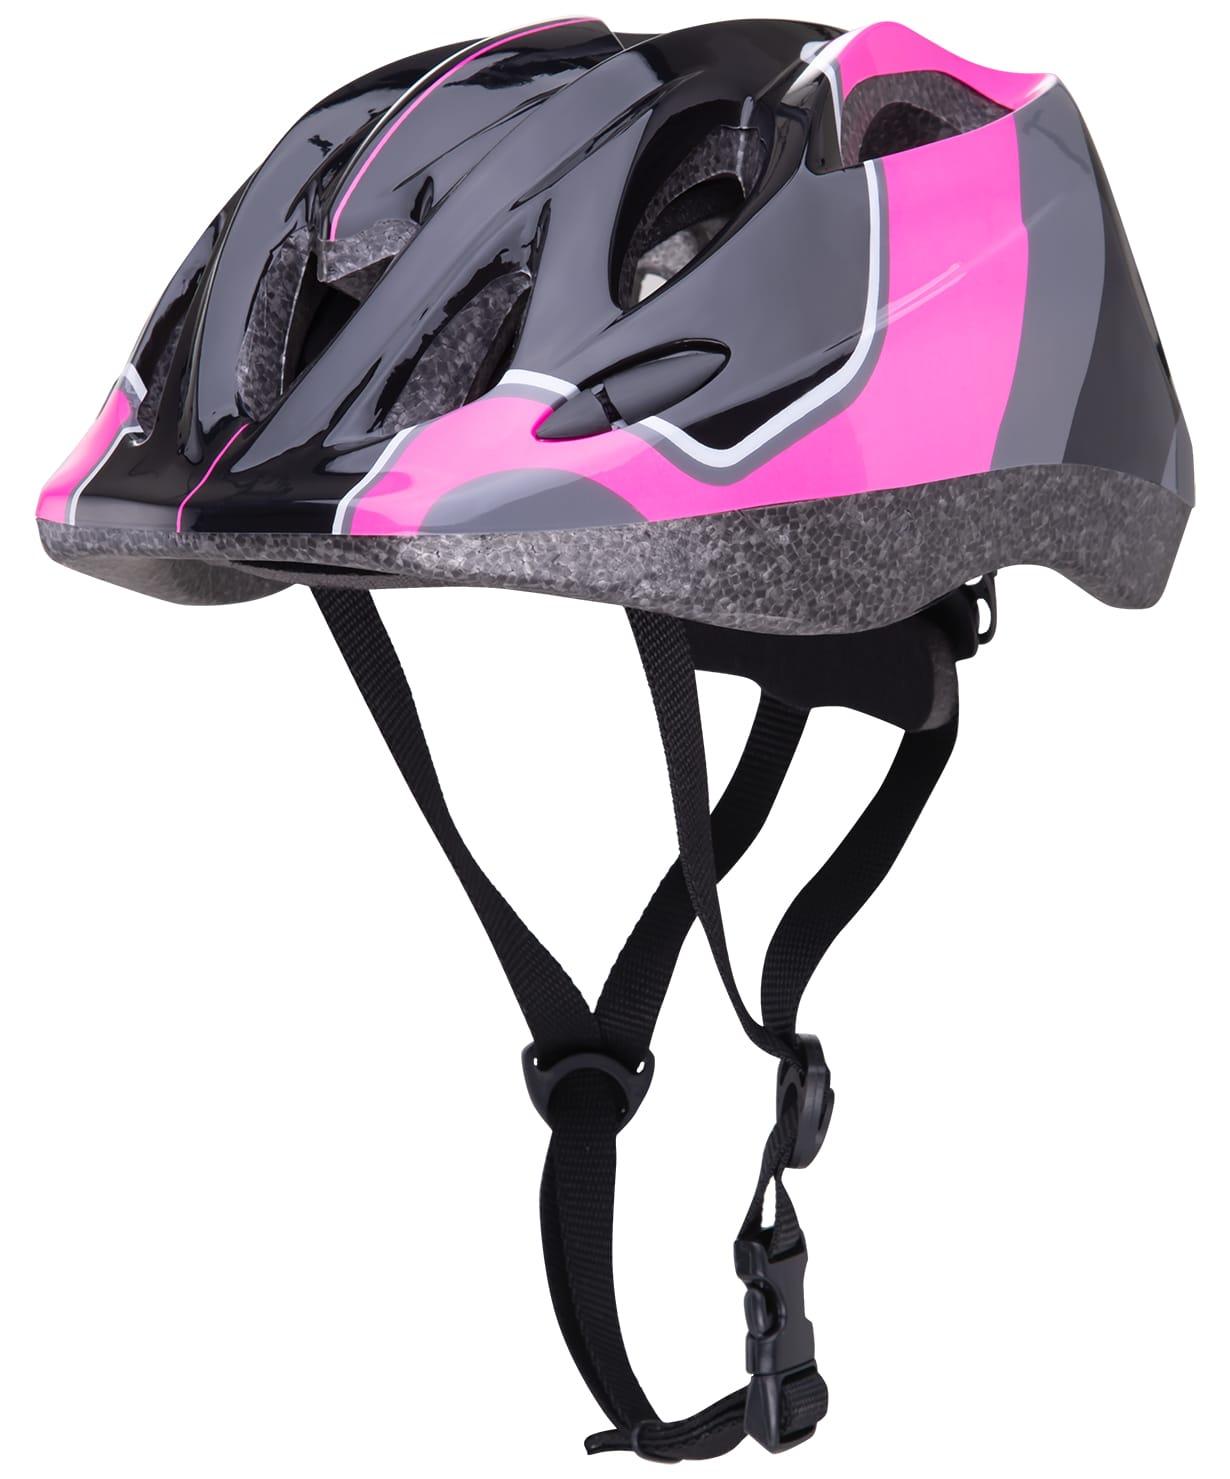 Шлем защитный Ridex Envy, розовый шлем ridex ут 00008189 cyclone синий чёрный